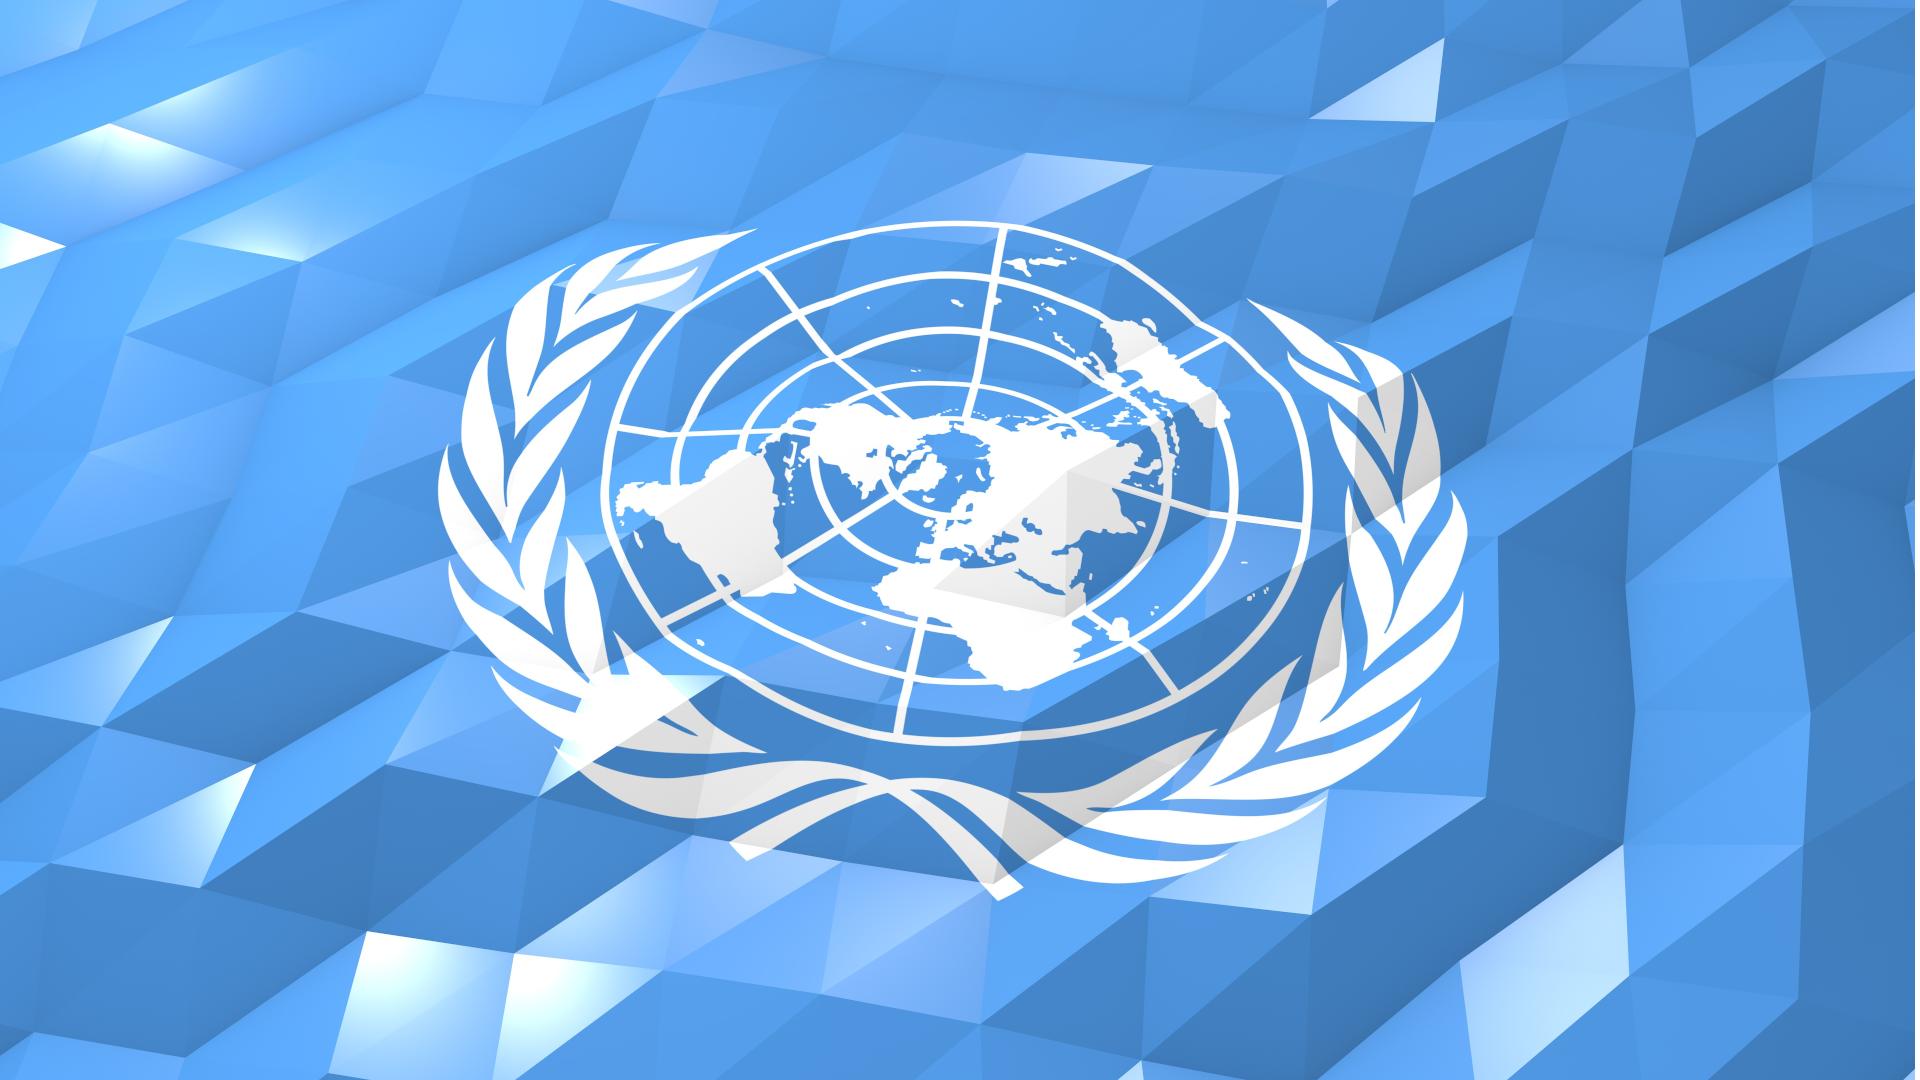 FN's menneskerettighedsråd